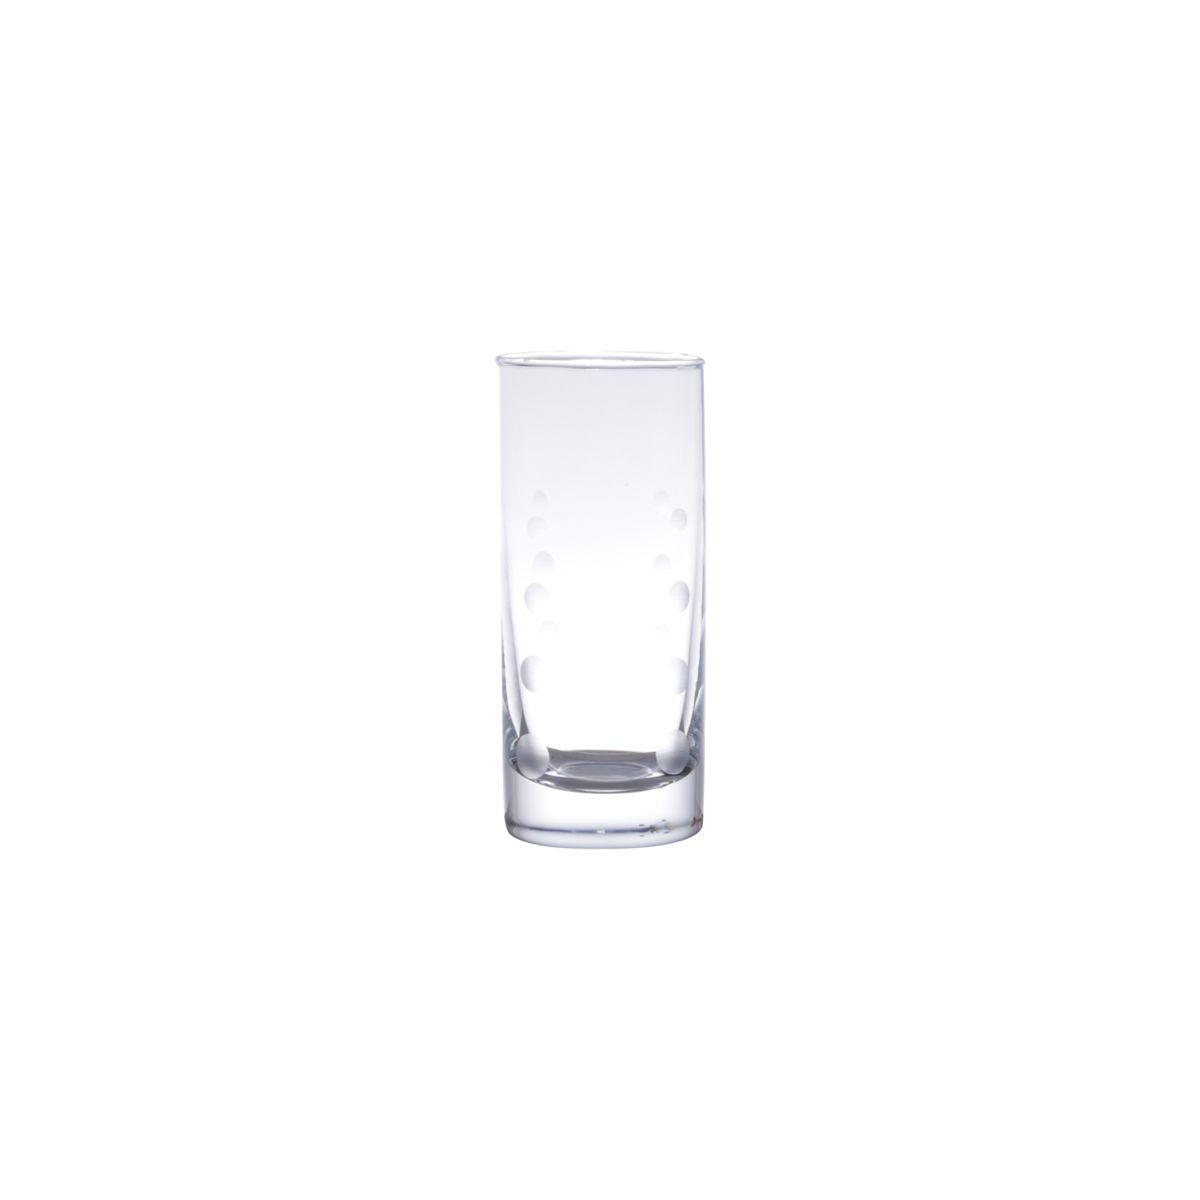 Conjunto 6 Copos de Vidro para Shot Barin 77ml